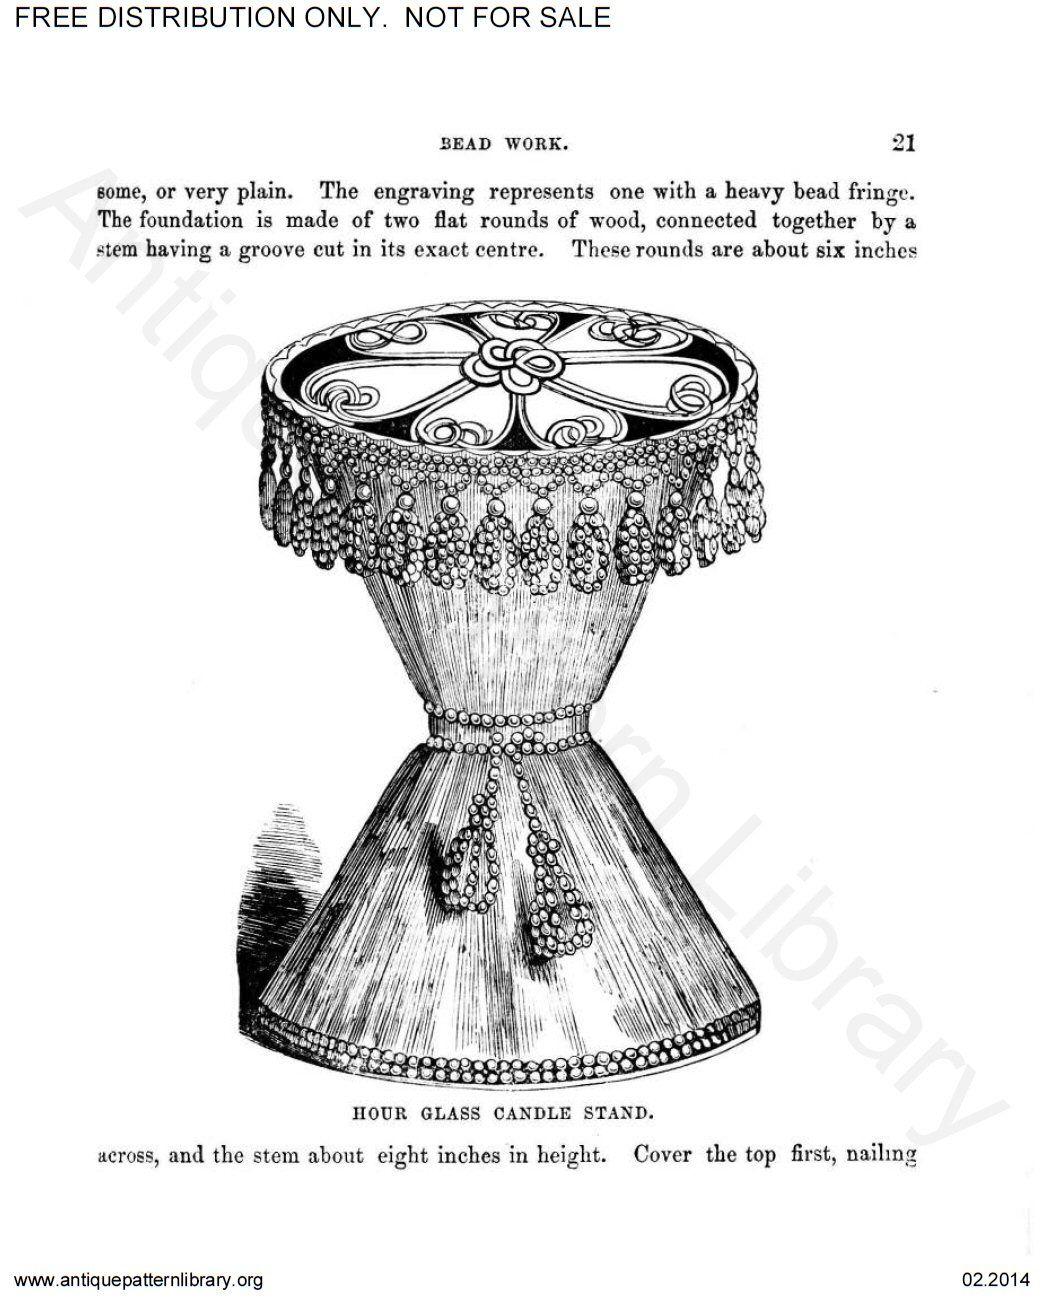 C-HW001 Ladies' Hand Book of Fancy and Ornamental Work